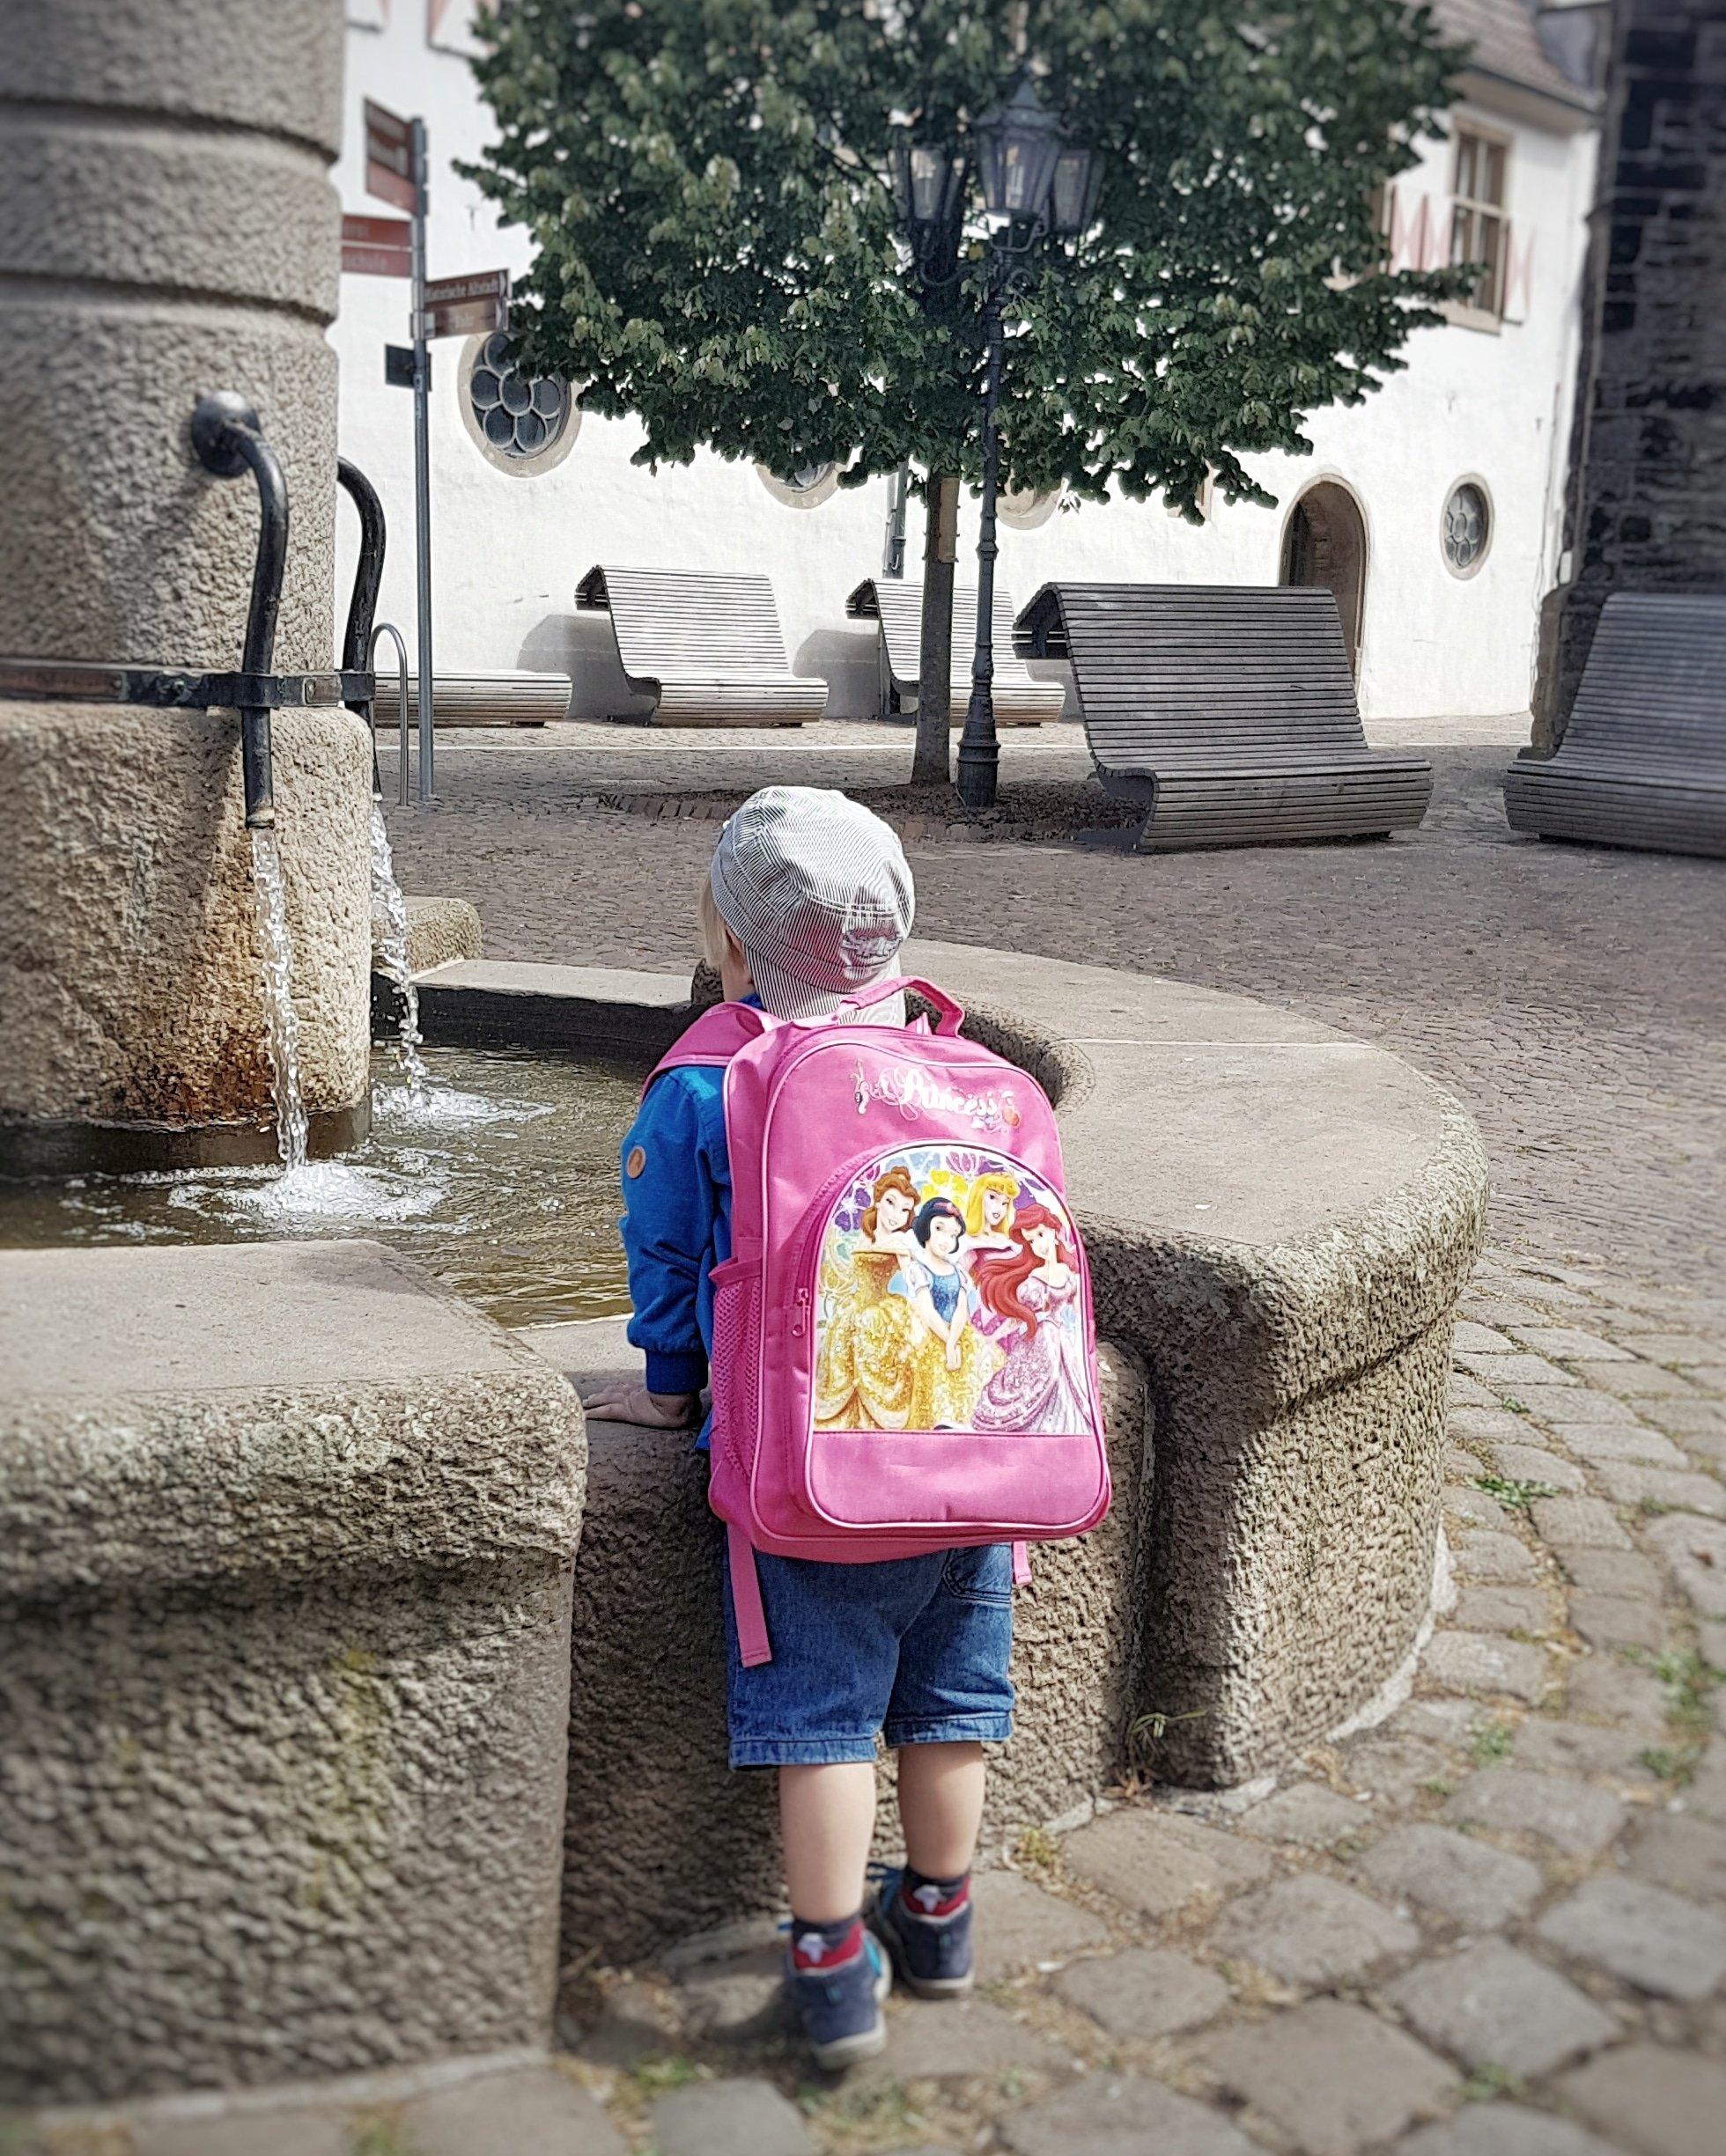 Ein typischer kleiner Junge, der einen Prinzessinnen-Rucksack trägt. Warum sollte er auch nicht, wenn er ihm gefällt?